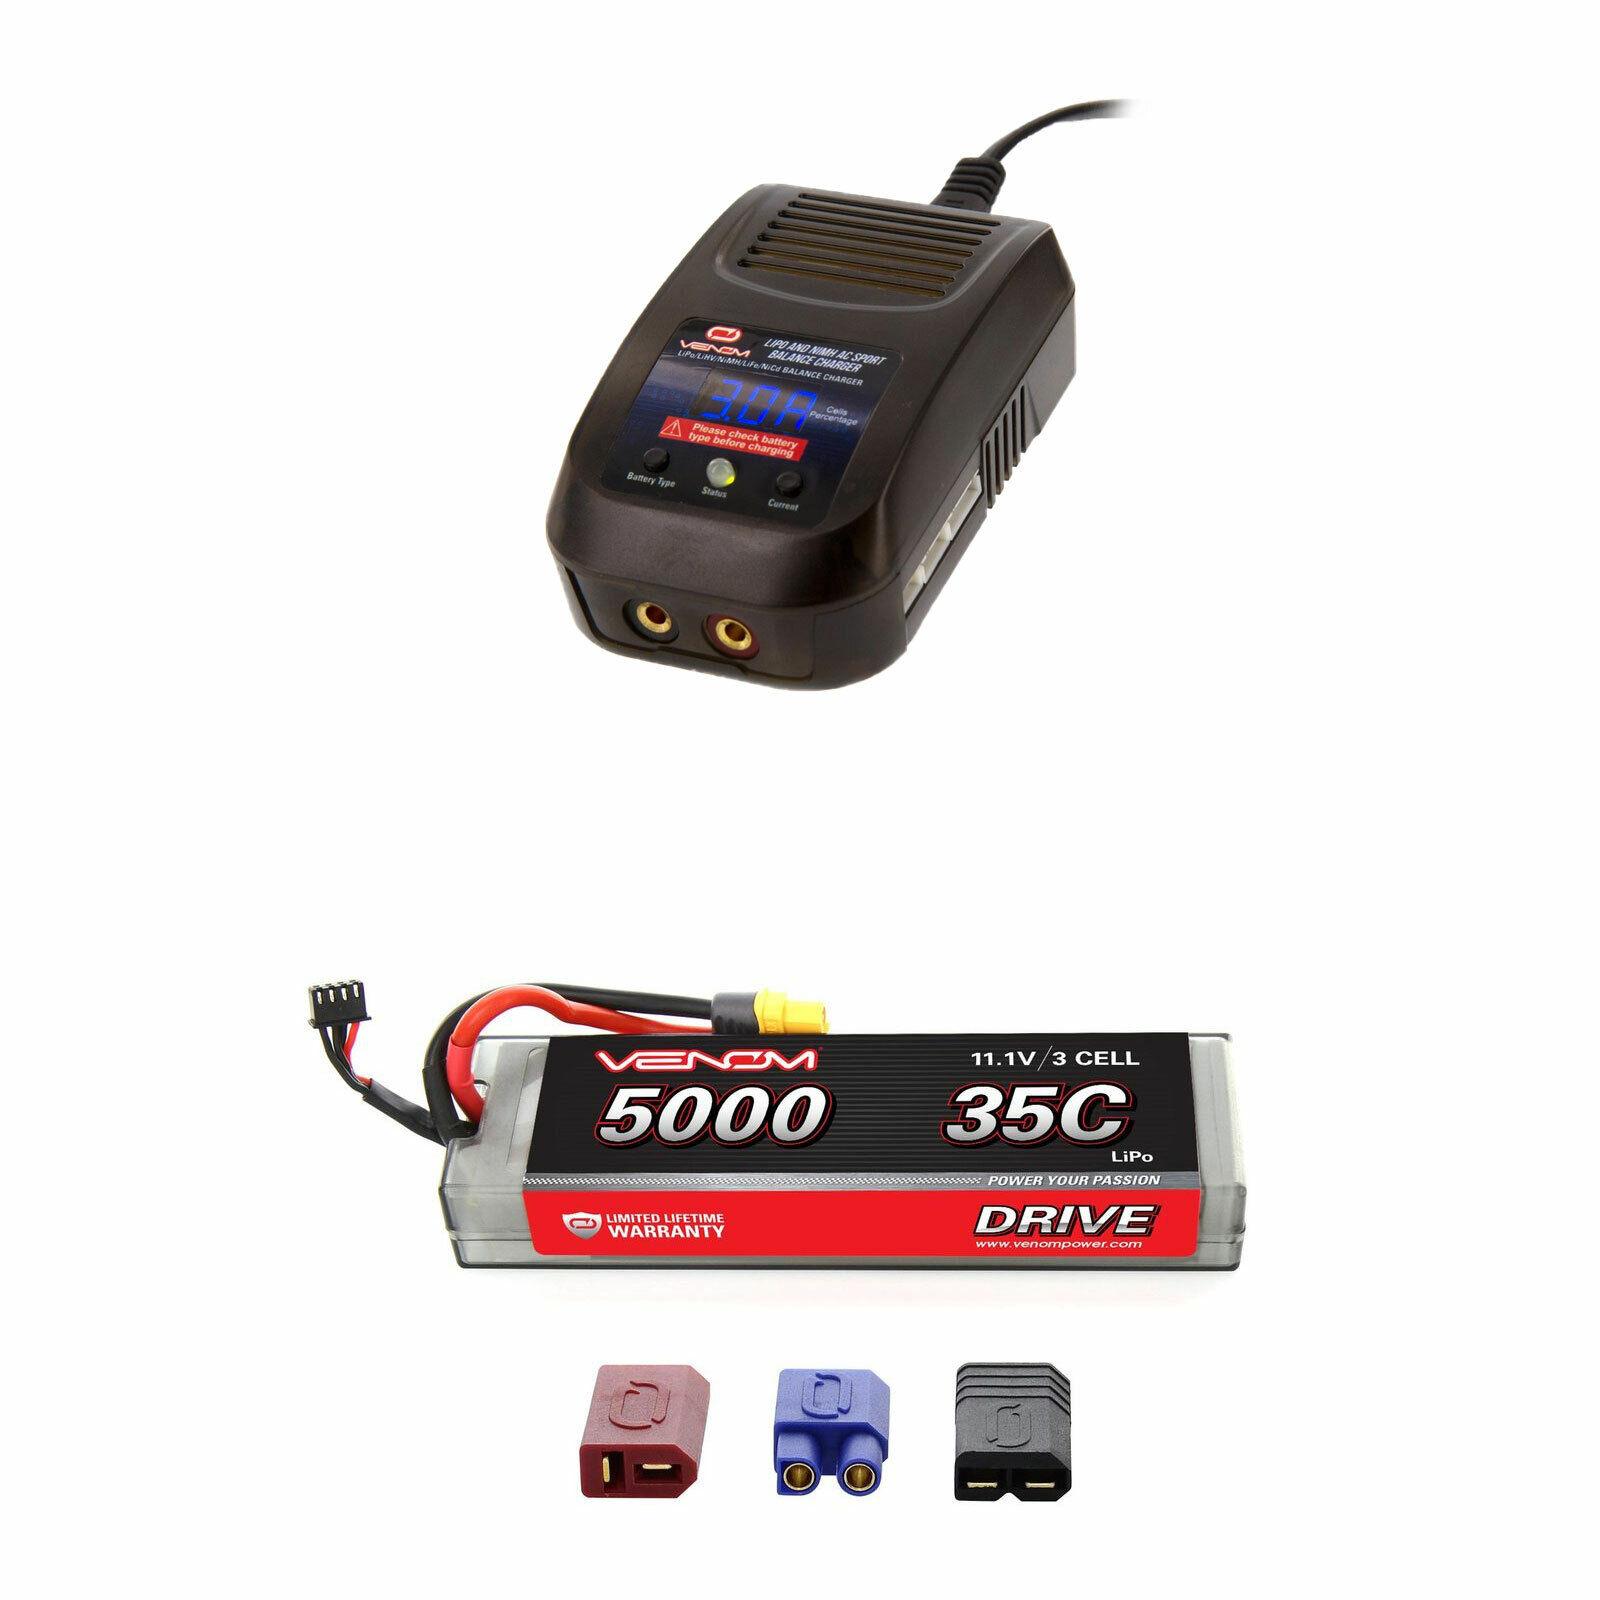 il più recente Venom 35C 3S 11.1v 11.1v 11.1v 5000mAh LiPo Hardcase Battery e Sport Charger Combo  design semplice e generoso